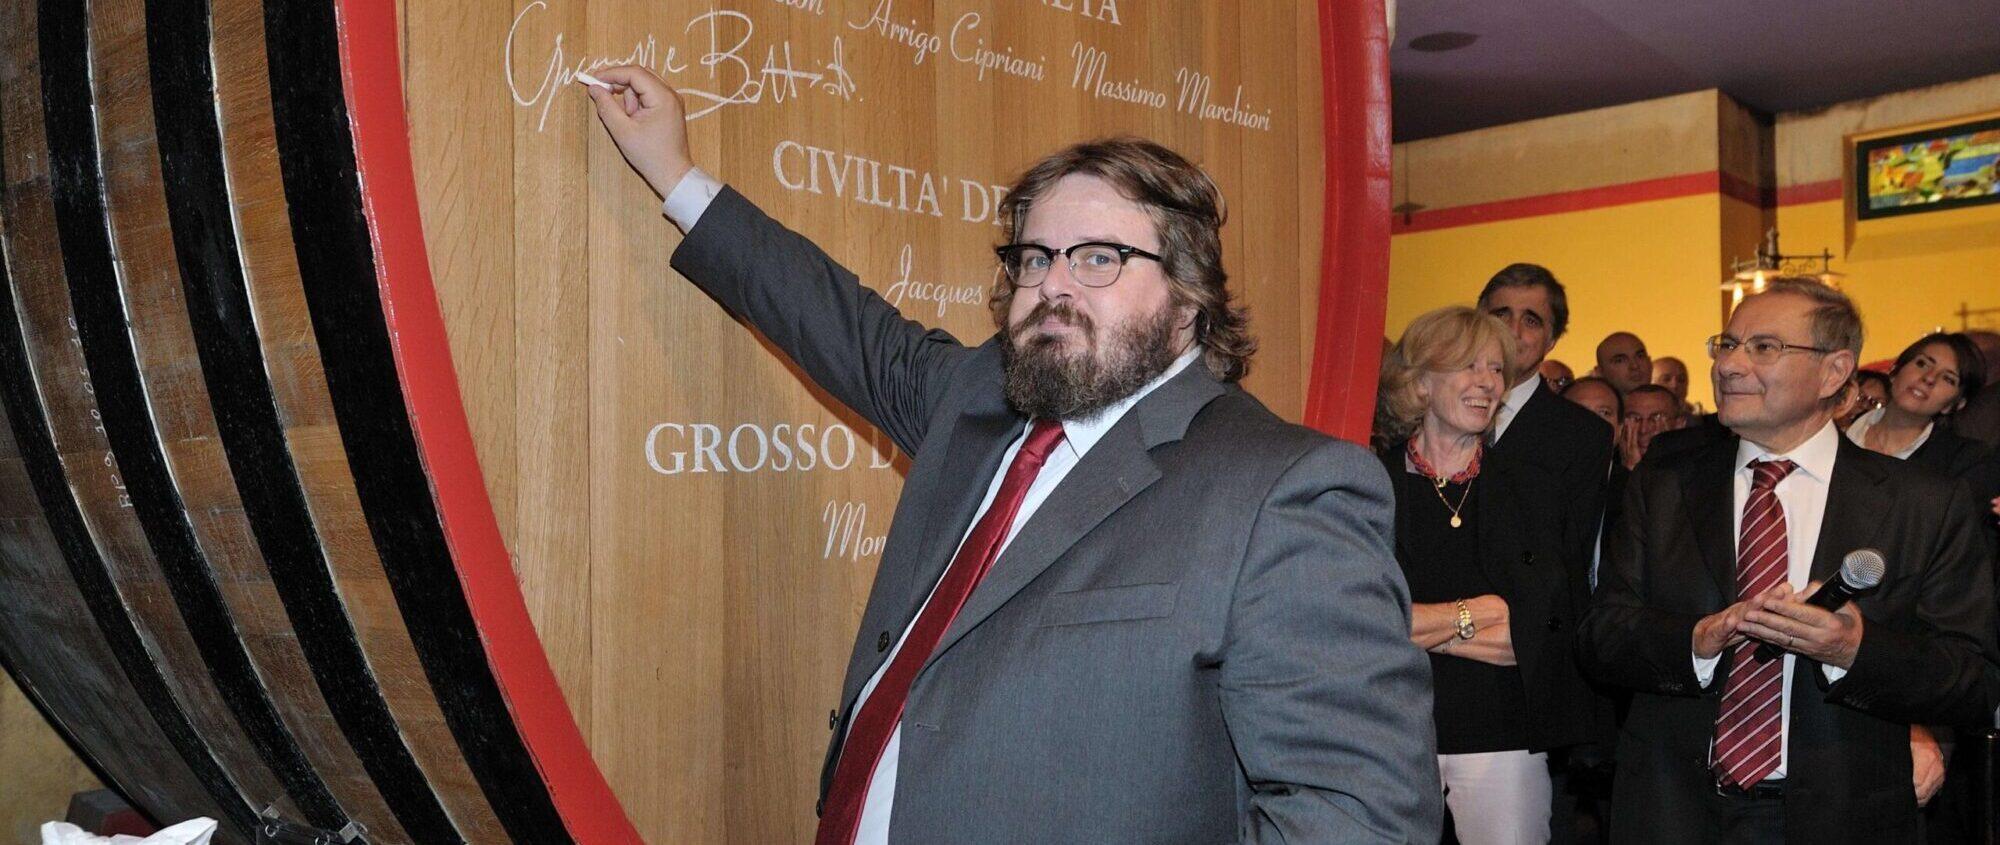 Giuseppe Battiston - Premio Masi Civiltà veneta 2011